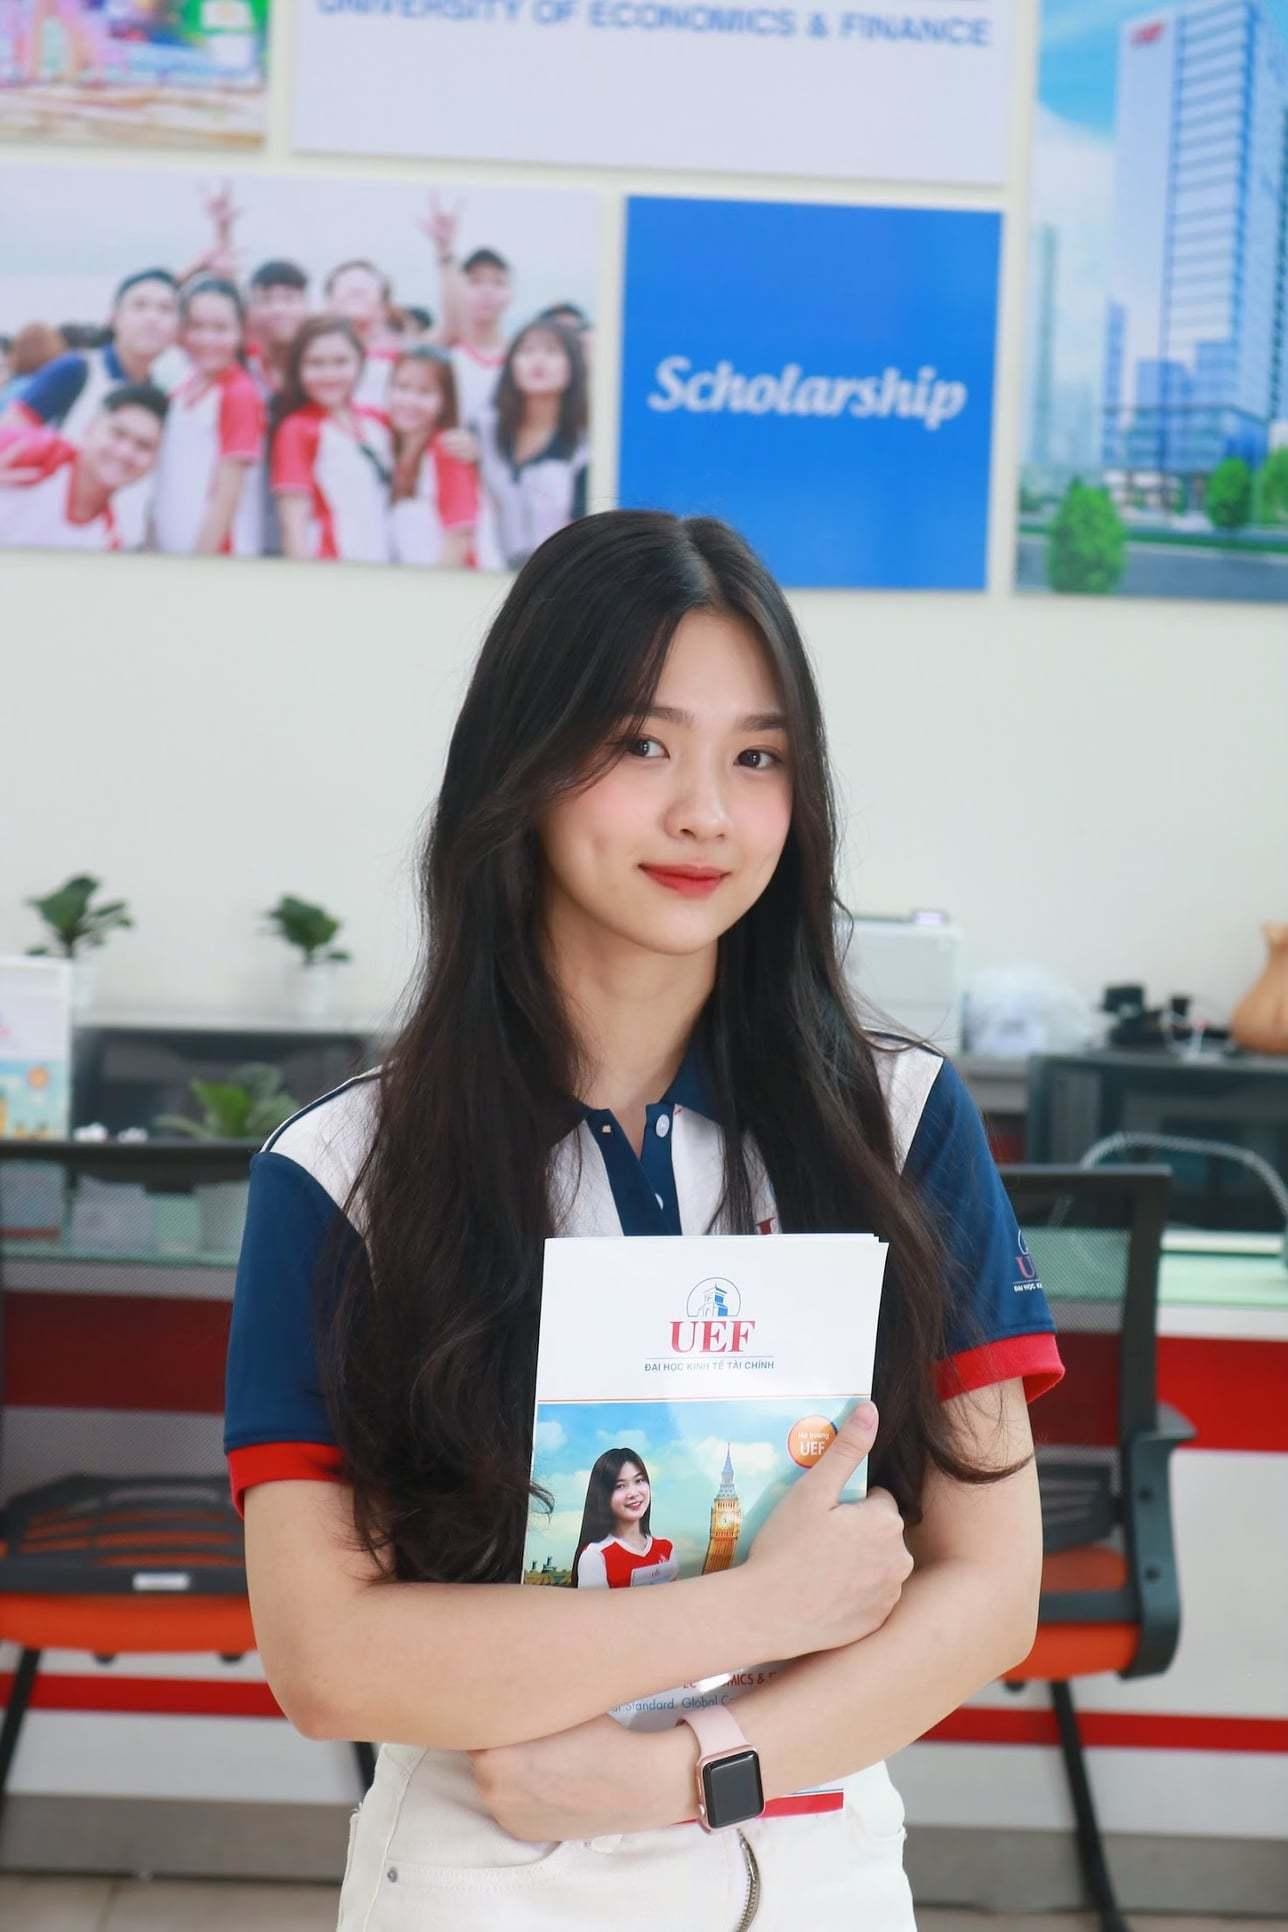 Sở hữu vẻ đẹp trong trẻo, Hồng Nhung - cô sinh viên đến từ trường UEF khiến cộng đồng mạng bật chế độ 'truy lùng' thông tin.